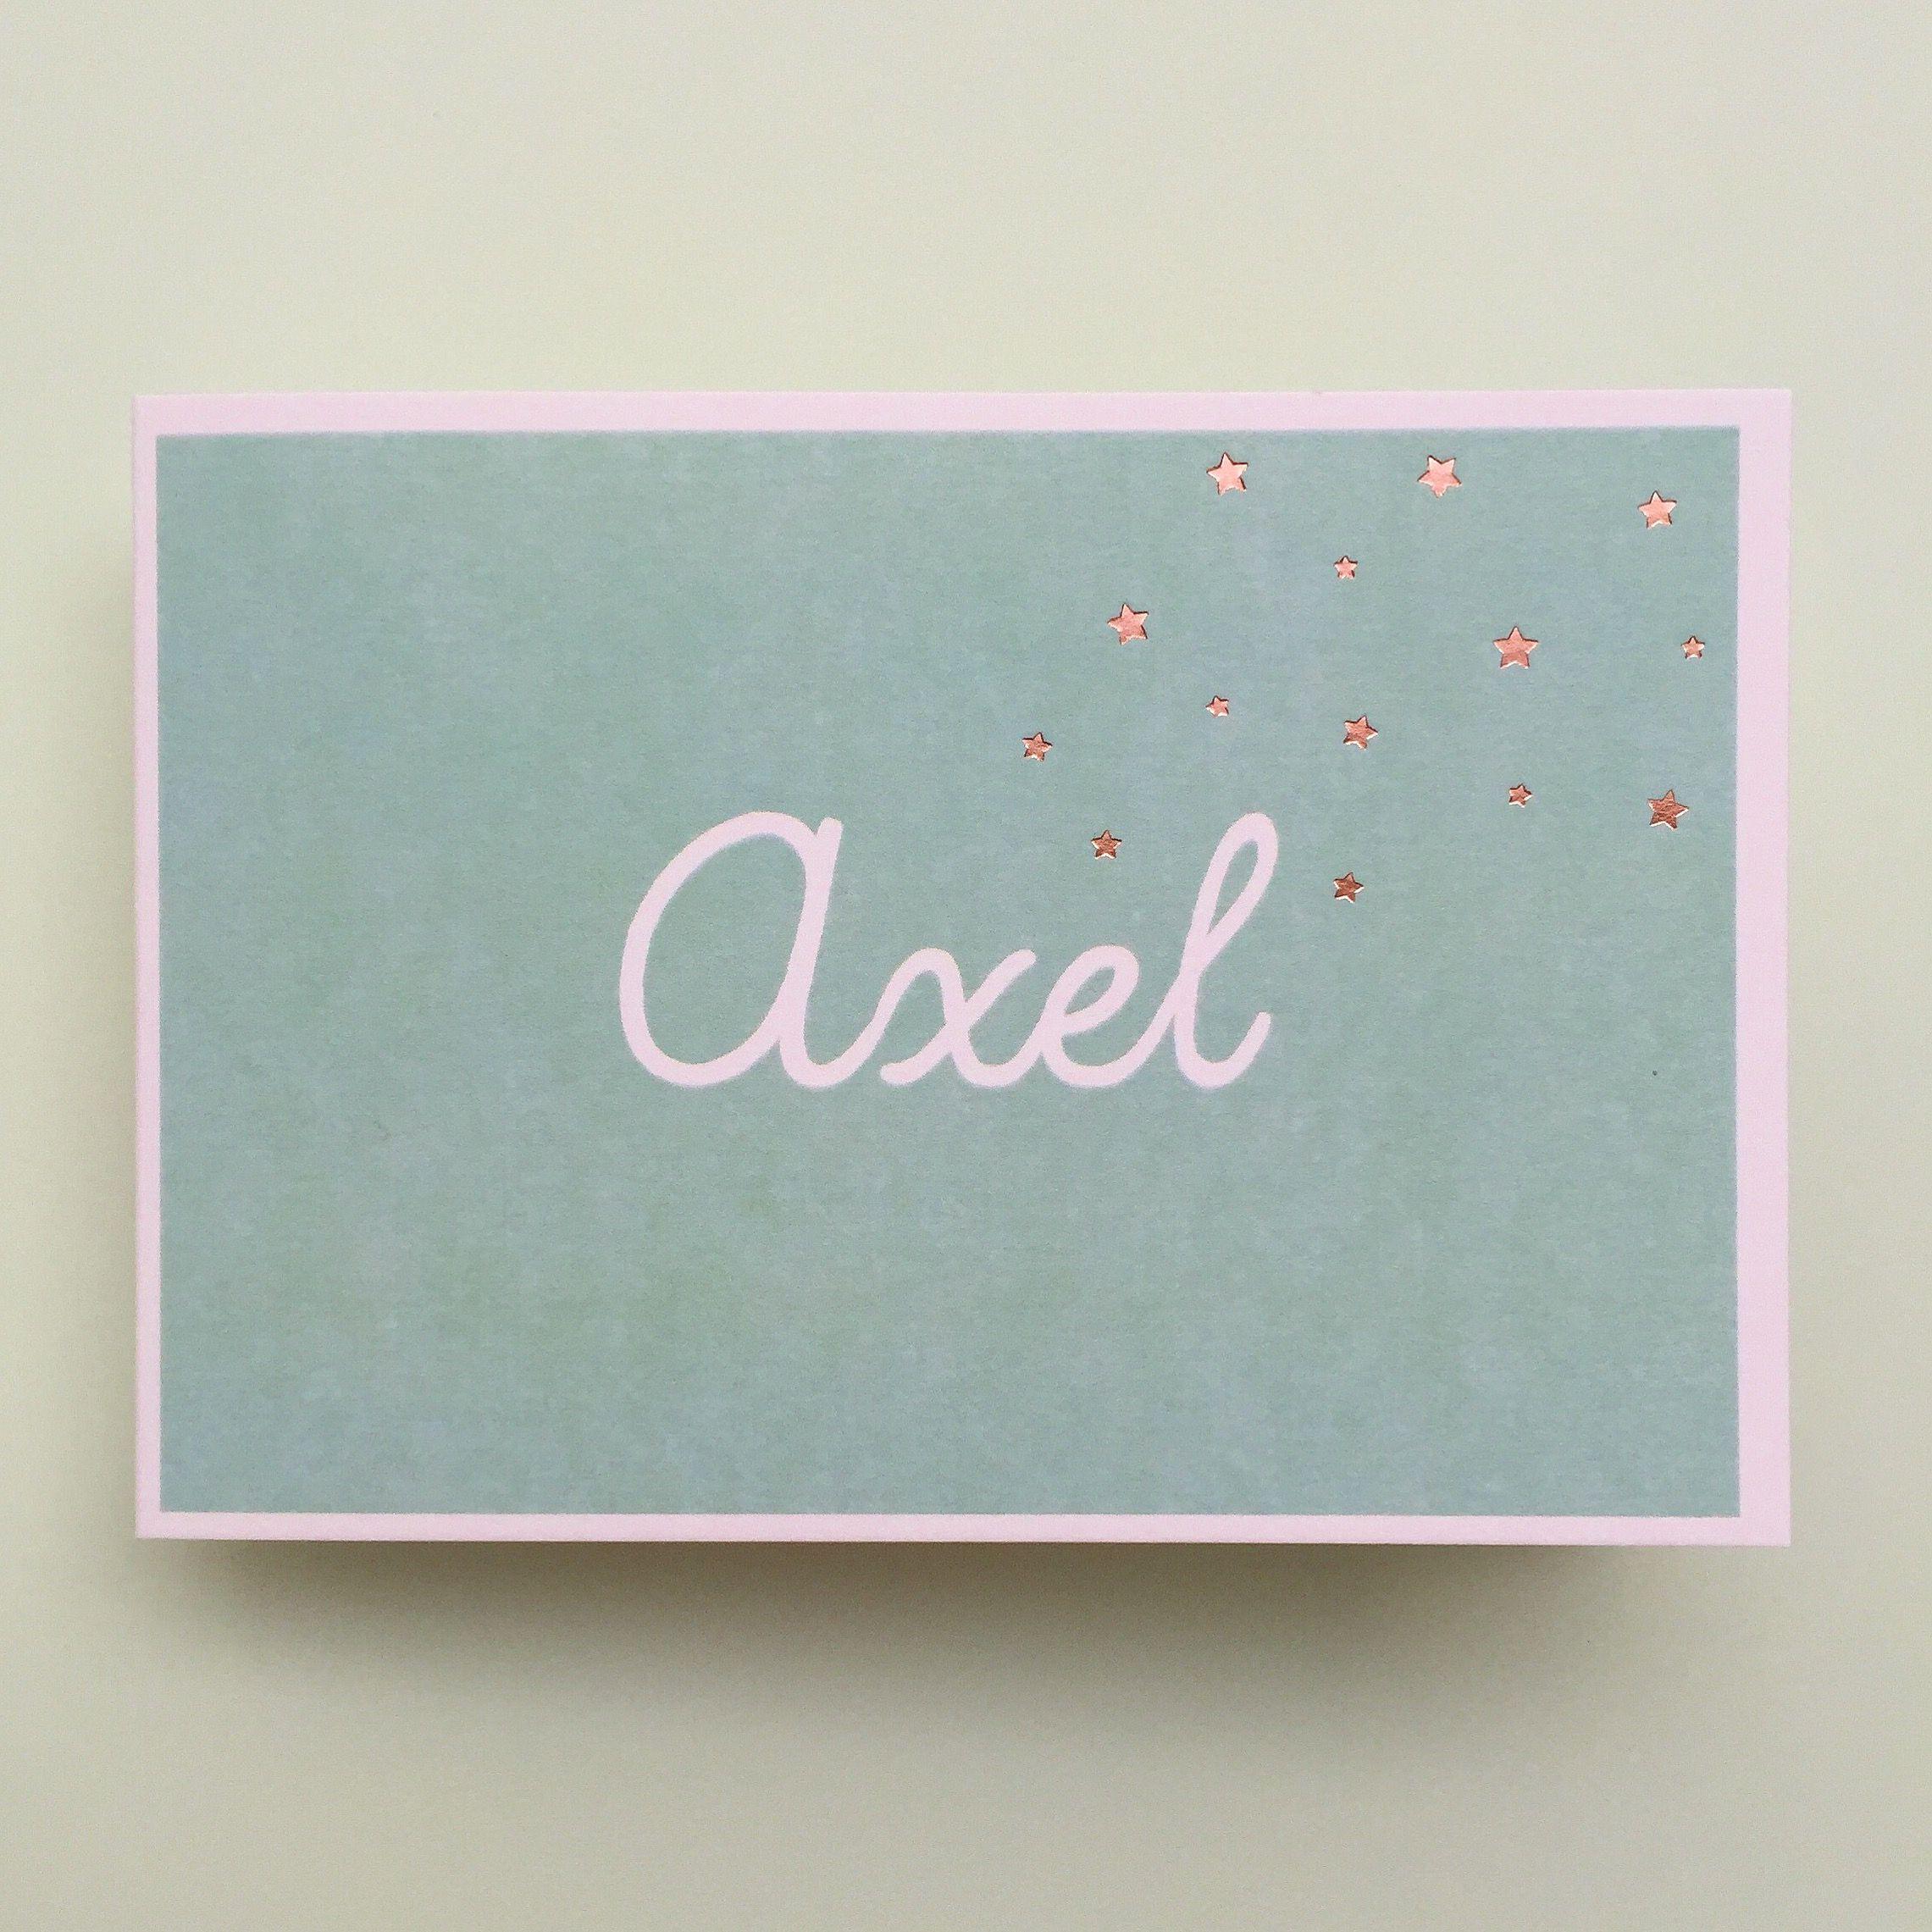 Geboortekaartje voor Axel met sterretjes in koperfolie www.howsweetitis.be